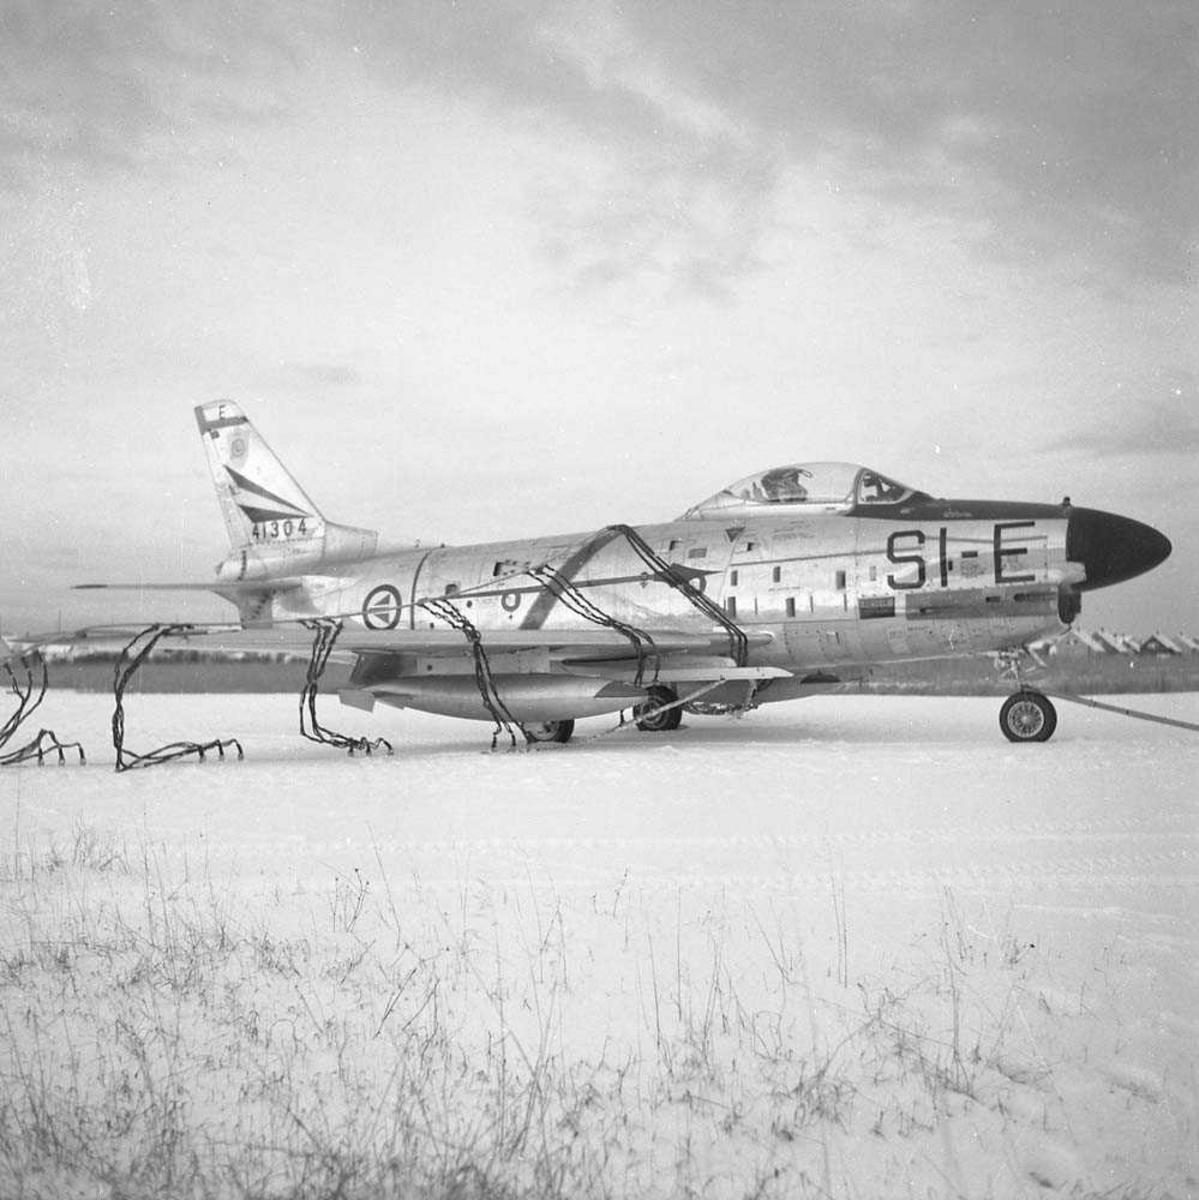 F-86-K, SI-E, tail nr. 54-1304, i nettet på Bodø flystasjon. Flyet tilhørte 339 skvadron, Bardufoss flystasjon. Se også NL.05060373.